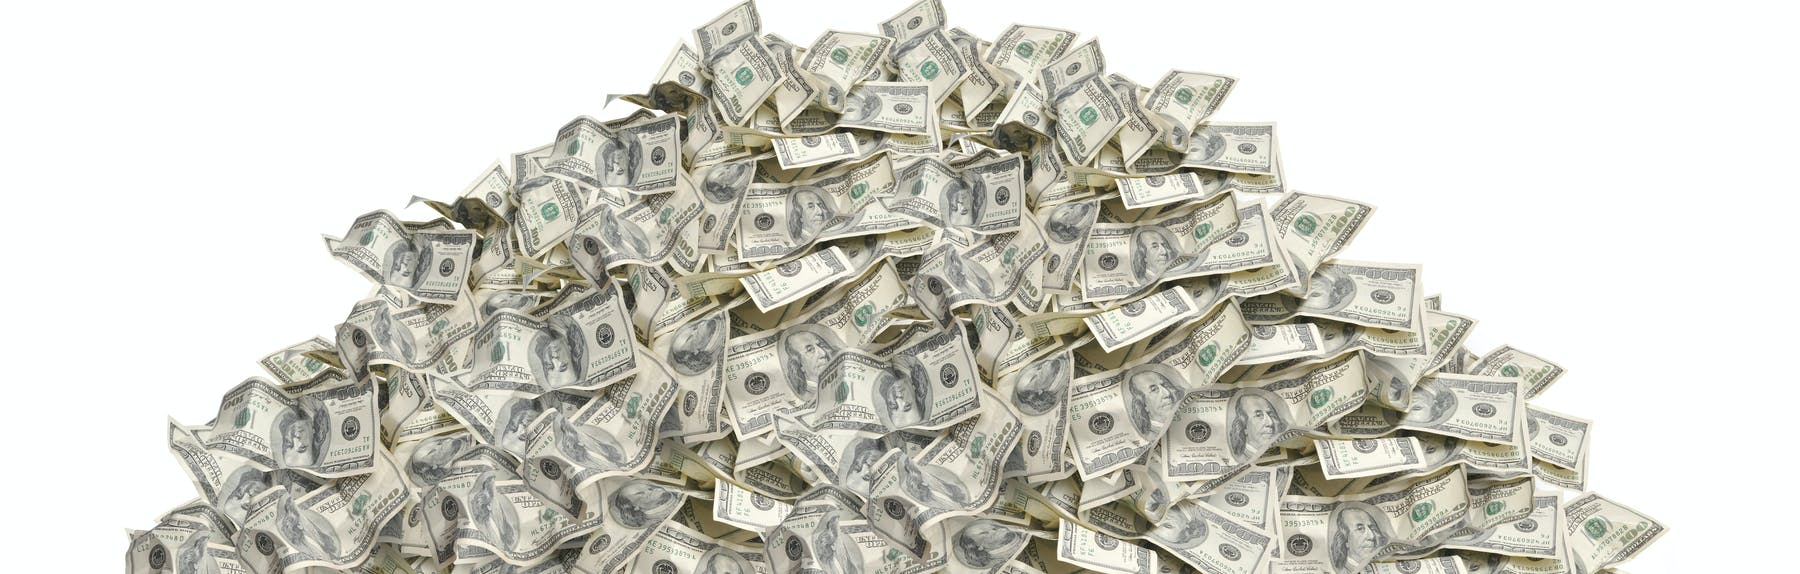 bitcoin onderpand voor lening in dollars